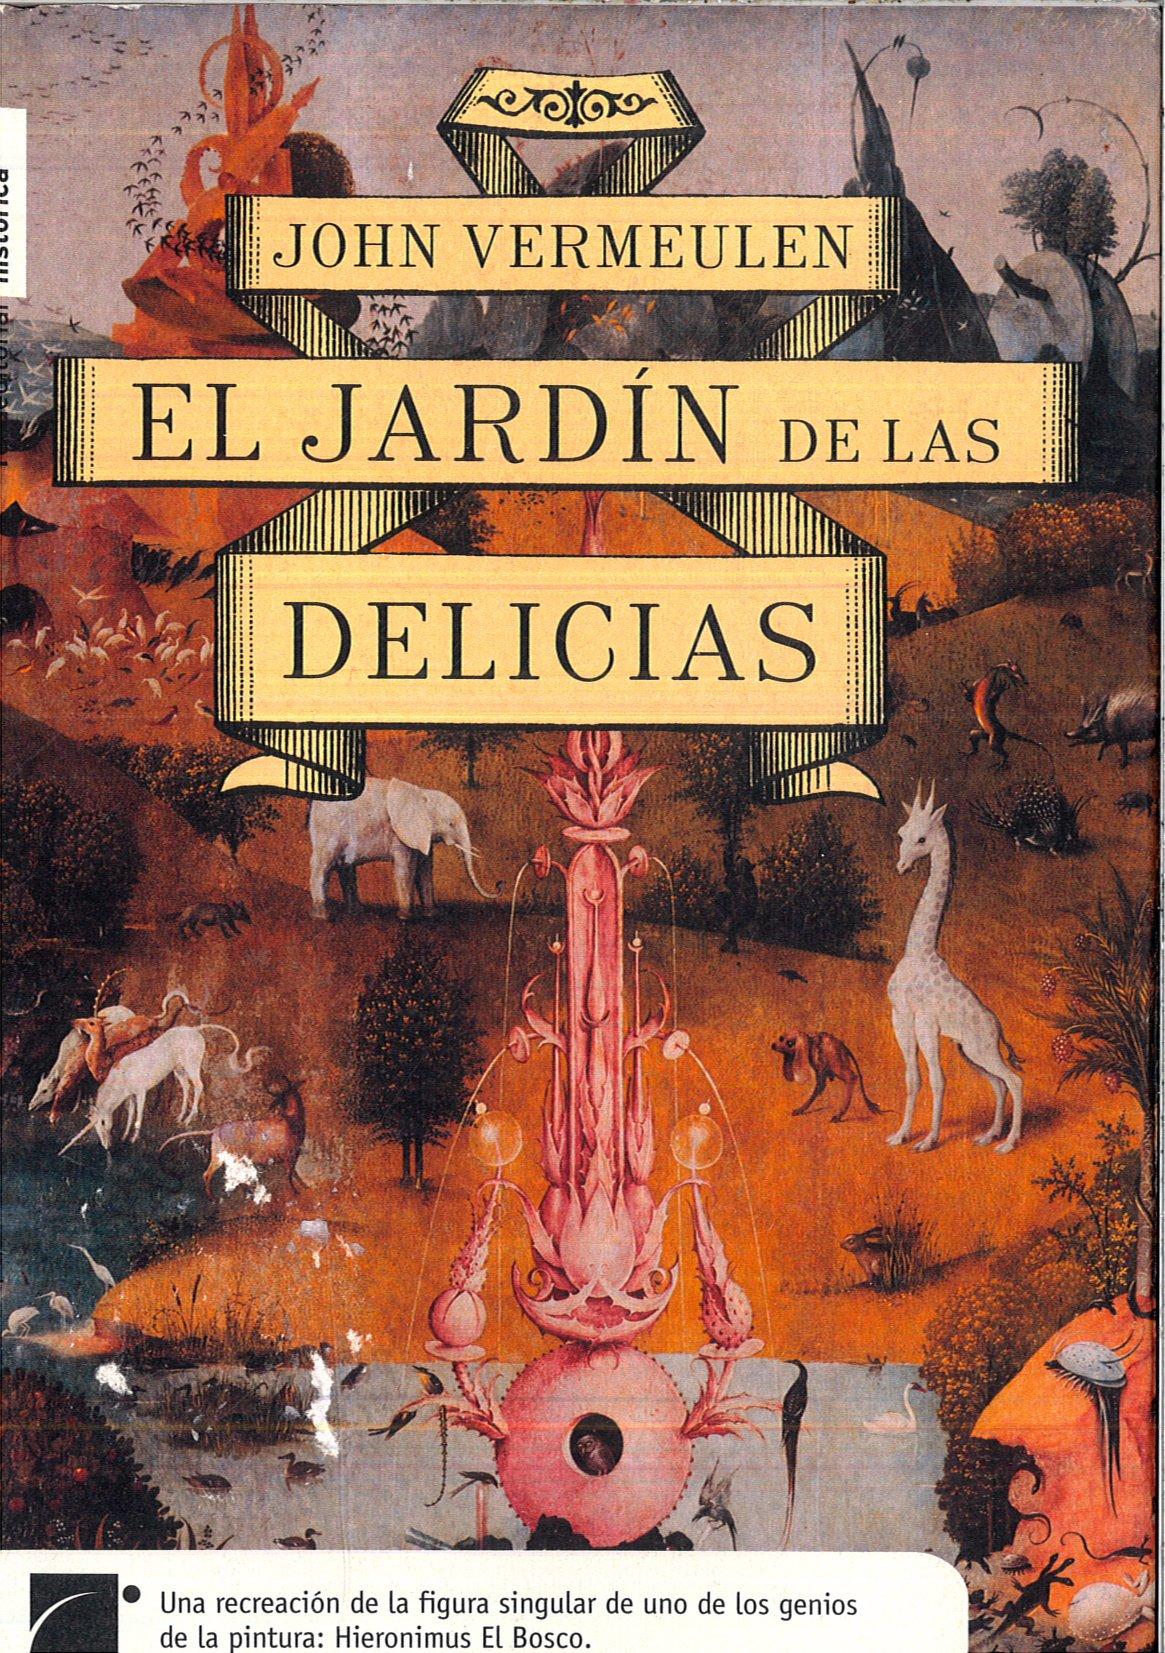 EL JARDIN DE LAS DELICIAS: Amazon.es: JOHN VERMEULEN: Libros